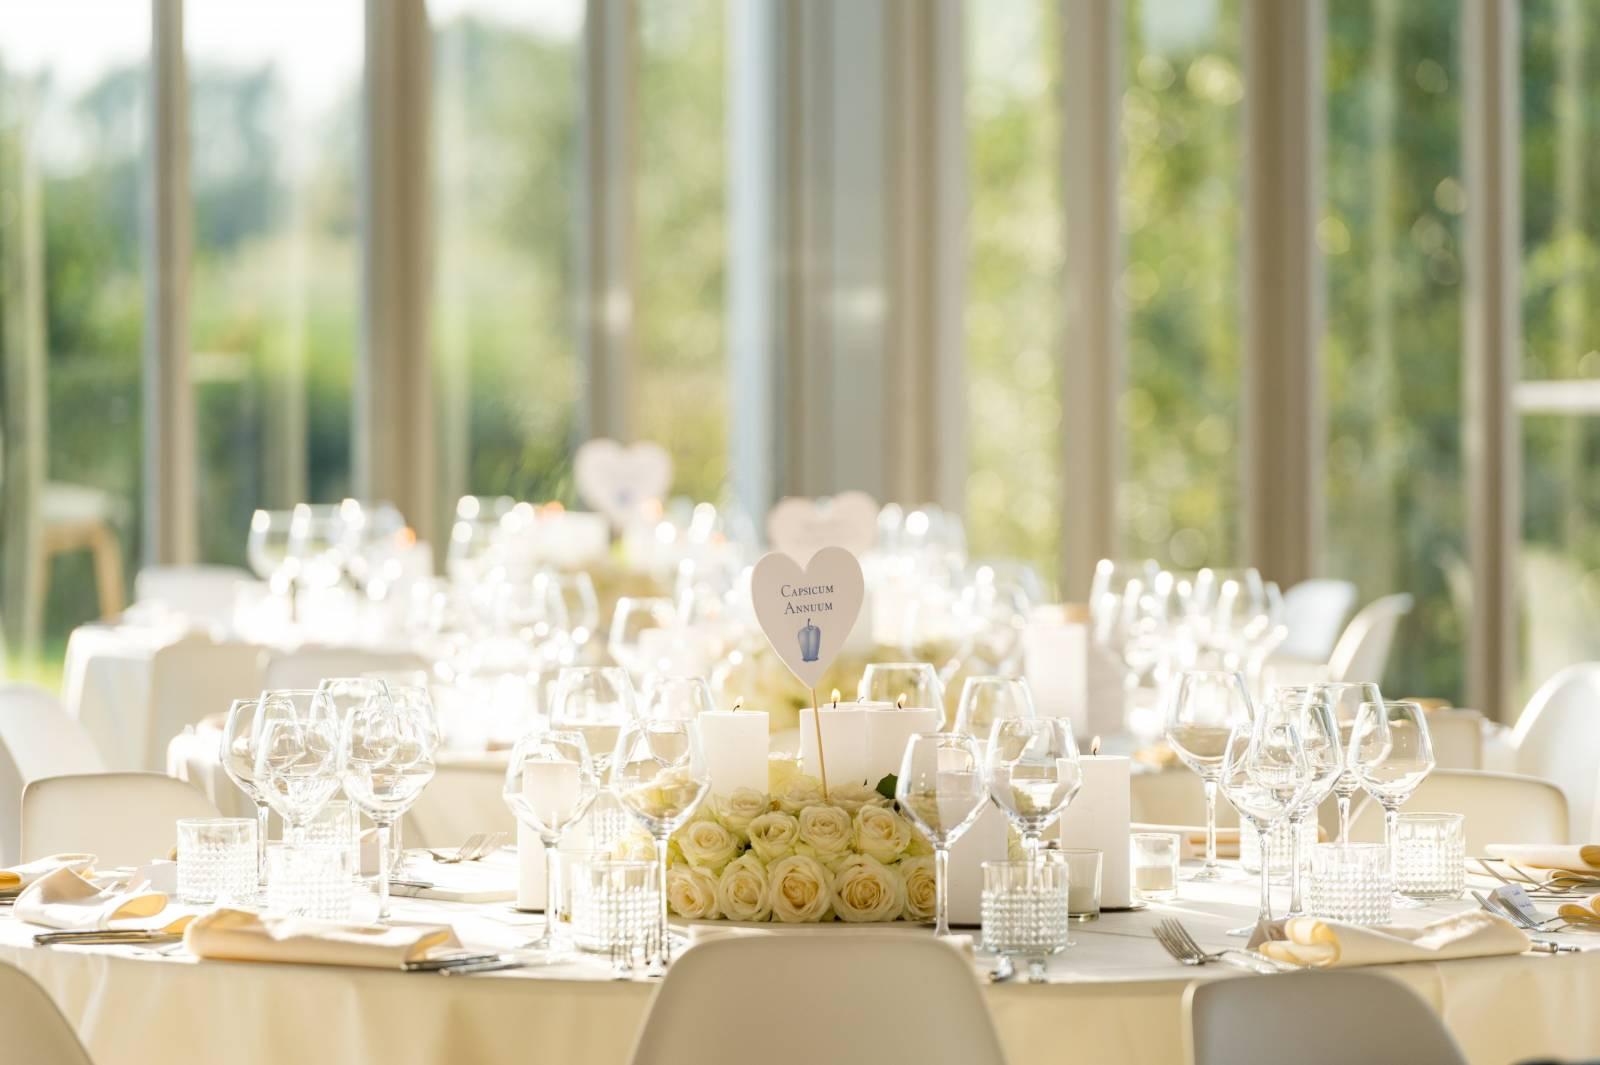 Chou Fleur - Bloemist - Fotograaf Studiovision Fotografie LiesbethDavid - House of Weddings (8) (Aangepast)